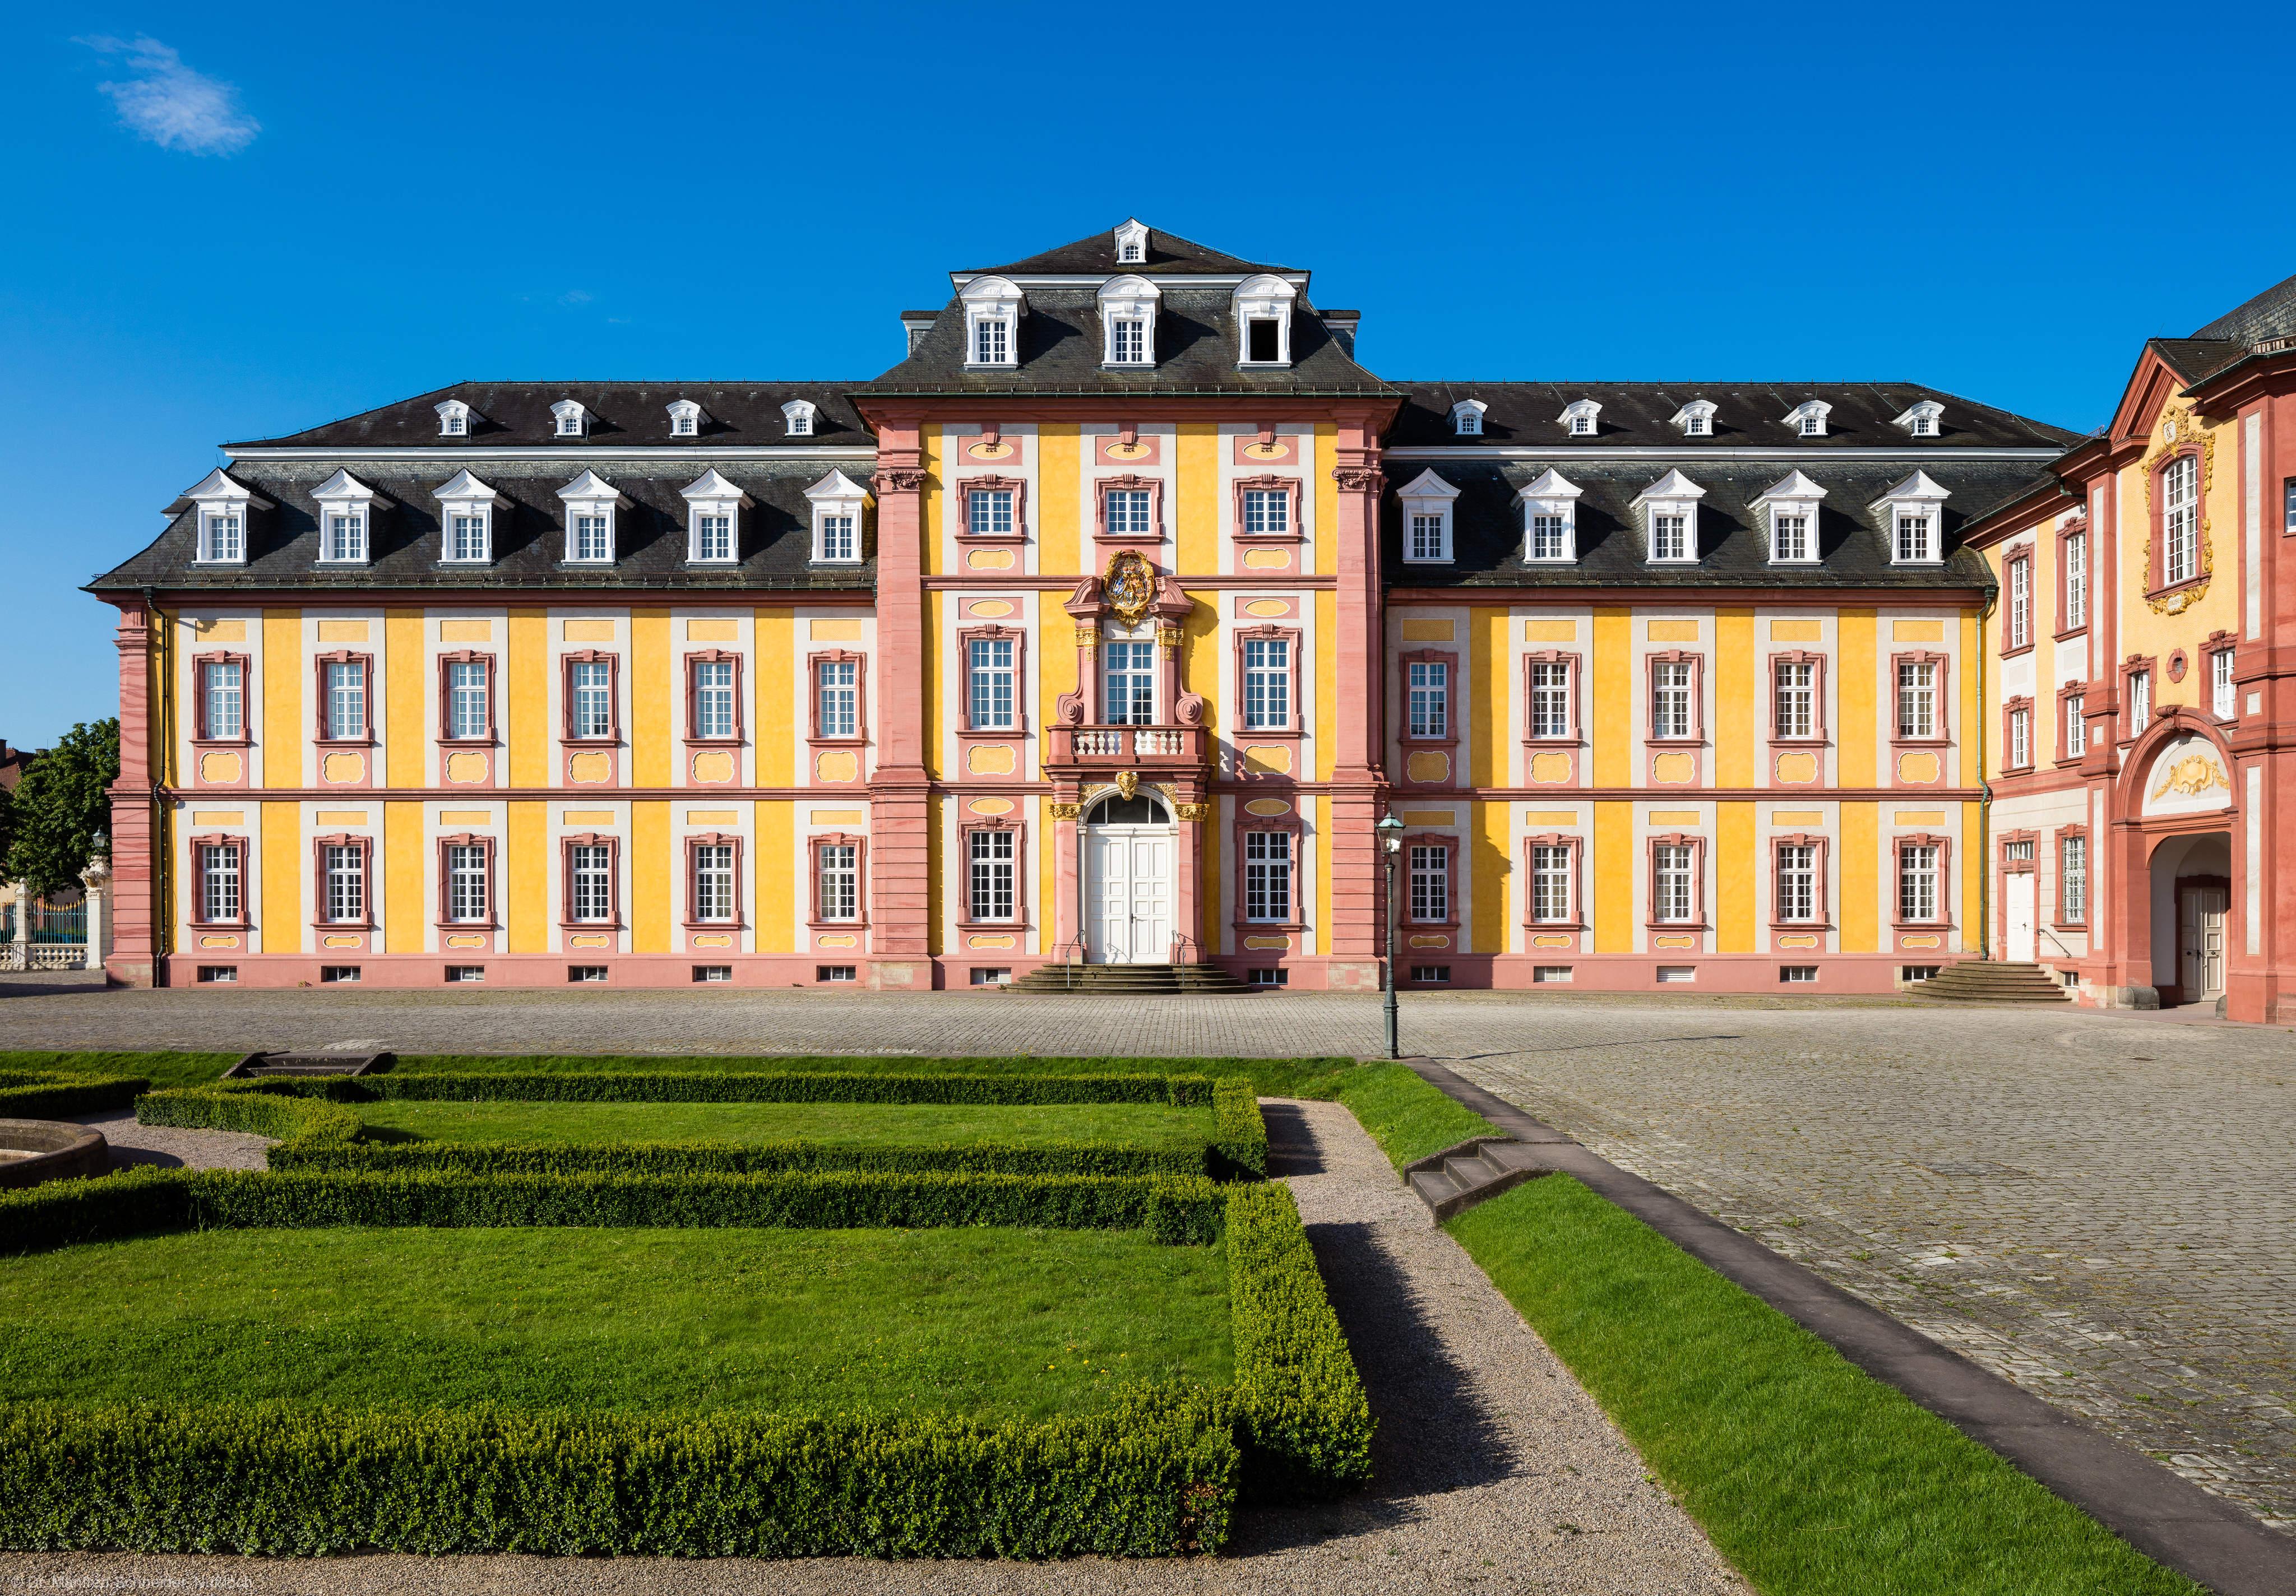 Schloss Bruchsal - Kirchenflügel - Von Norden / Hofseite - Blick von der Mitte des Ehrenhofs nach Süden auf die Nordfassade des Kirchenflügels (aufgenommen im Juni 2018, am Vormittag)